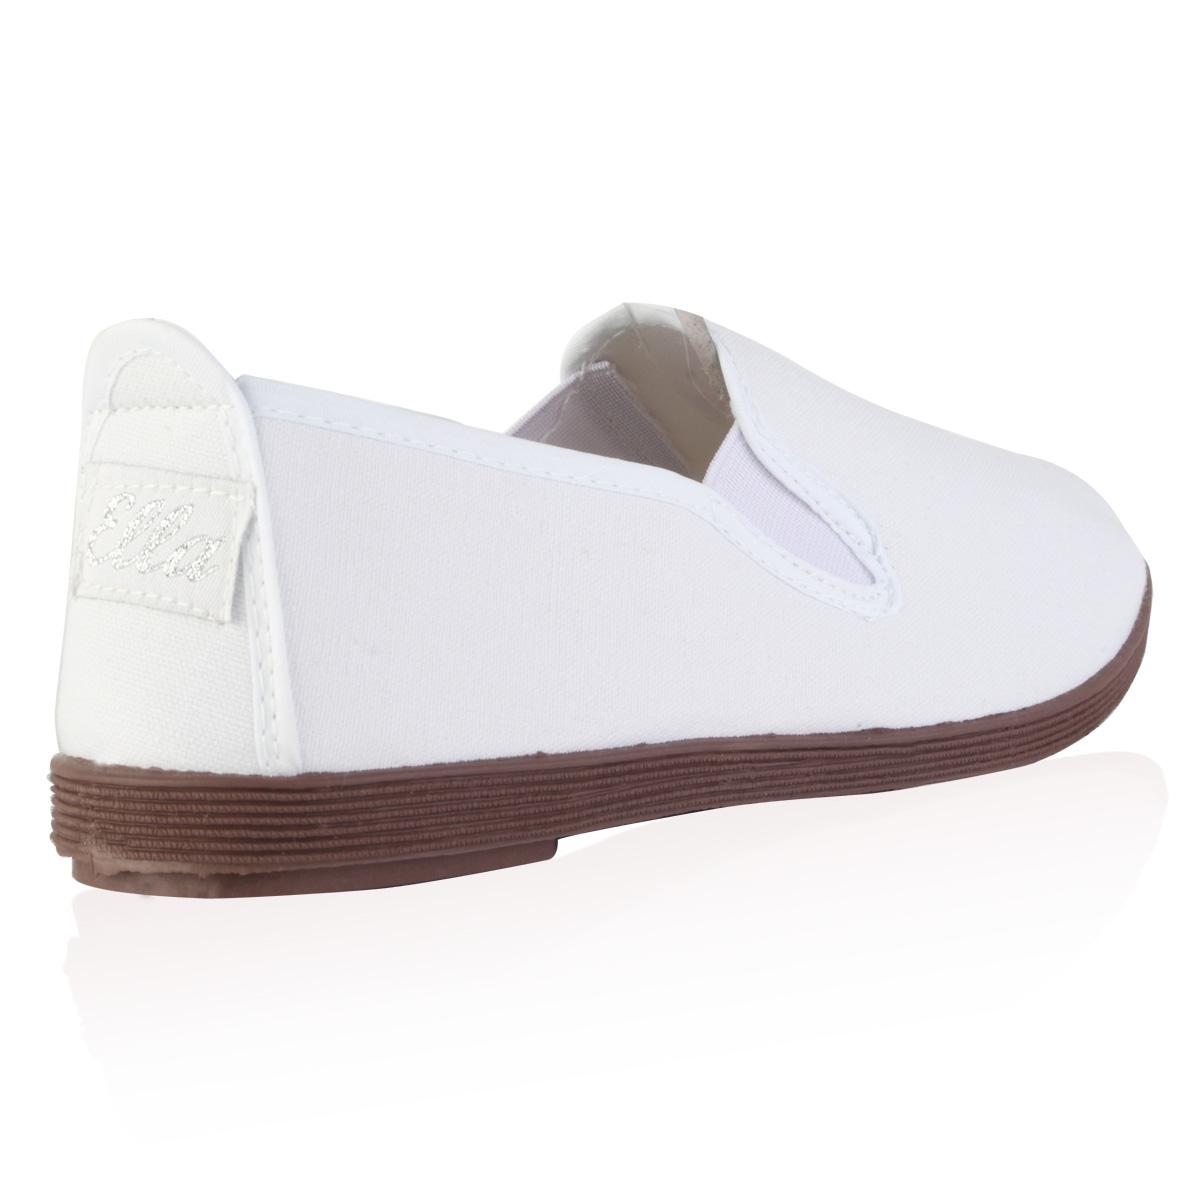 new womens white flat plimsoll slip on summer